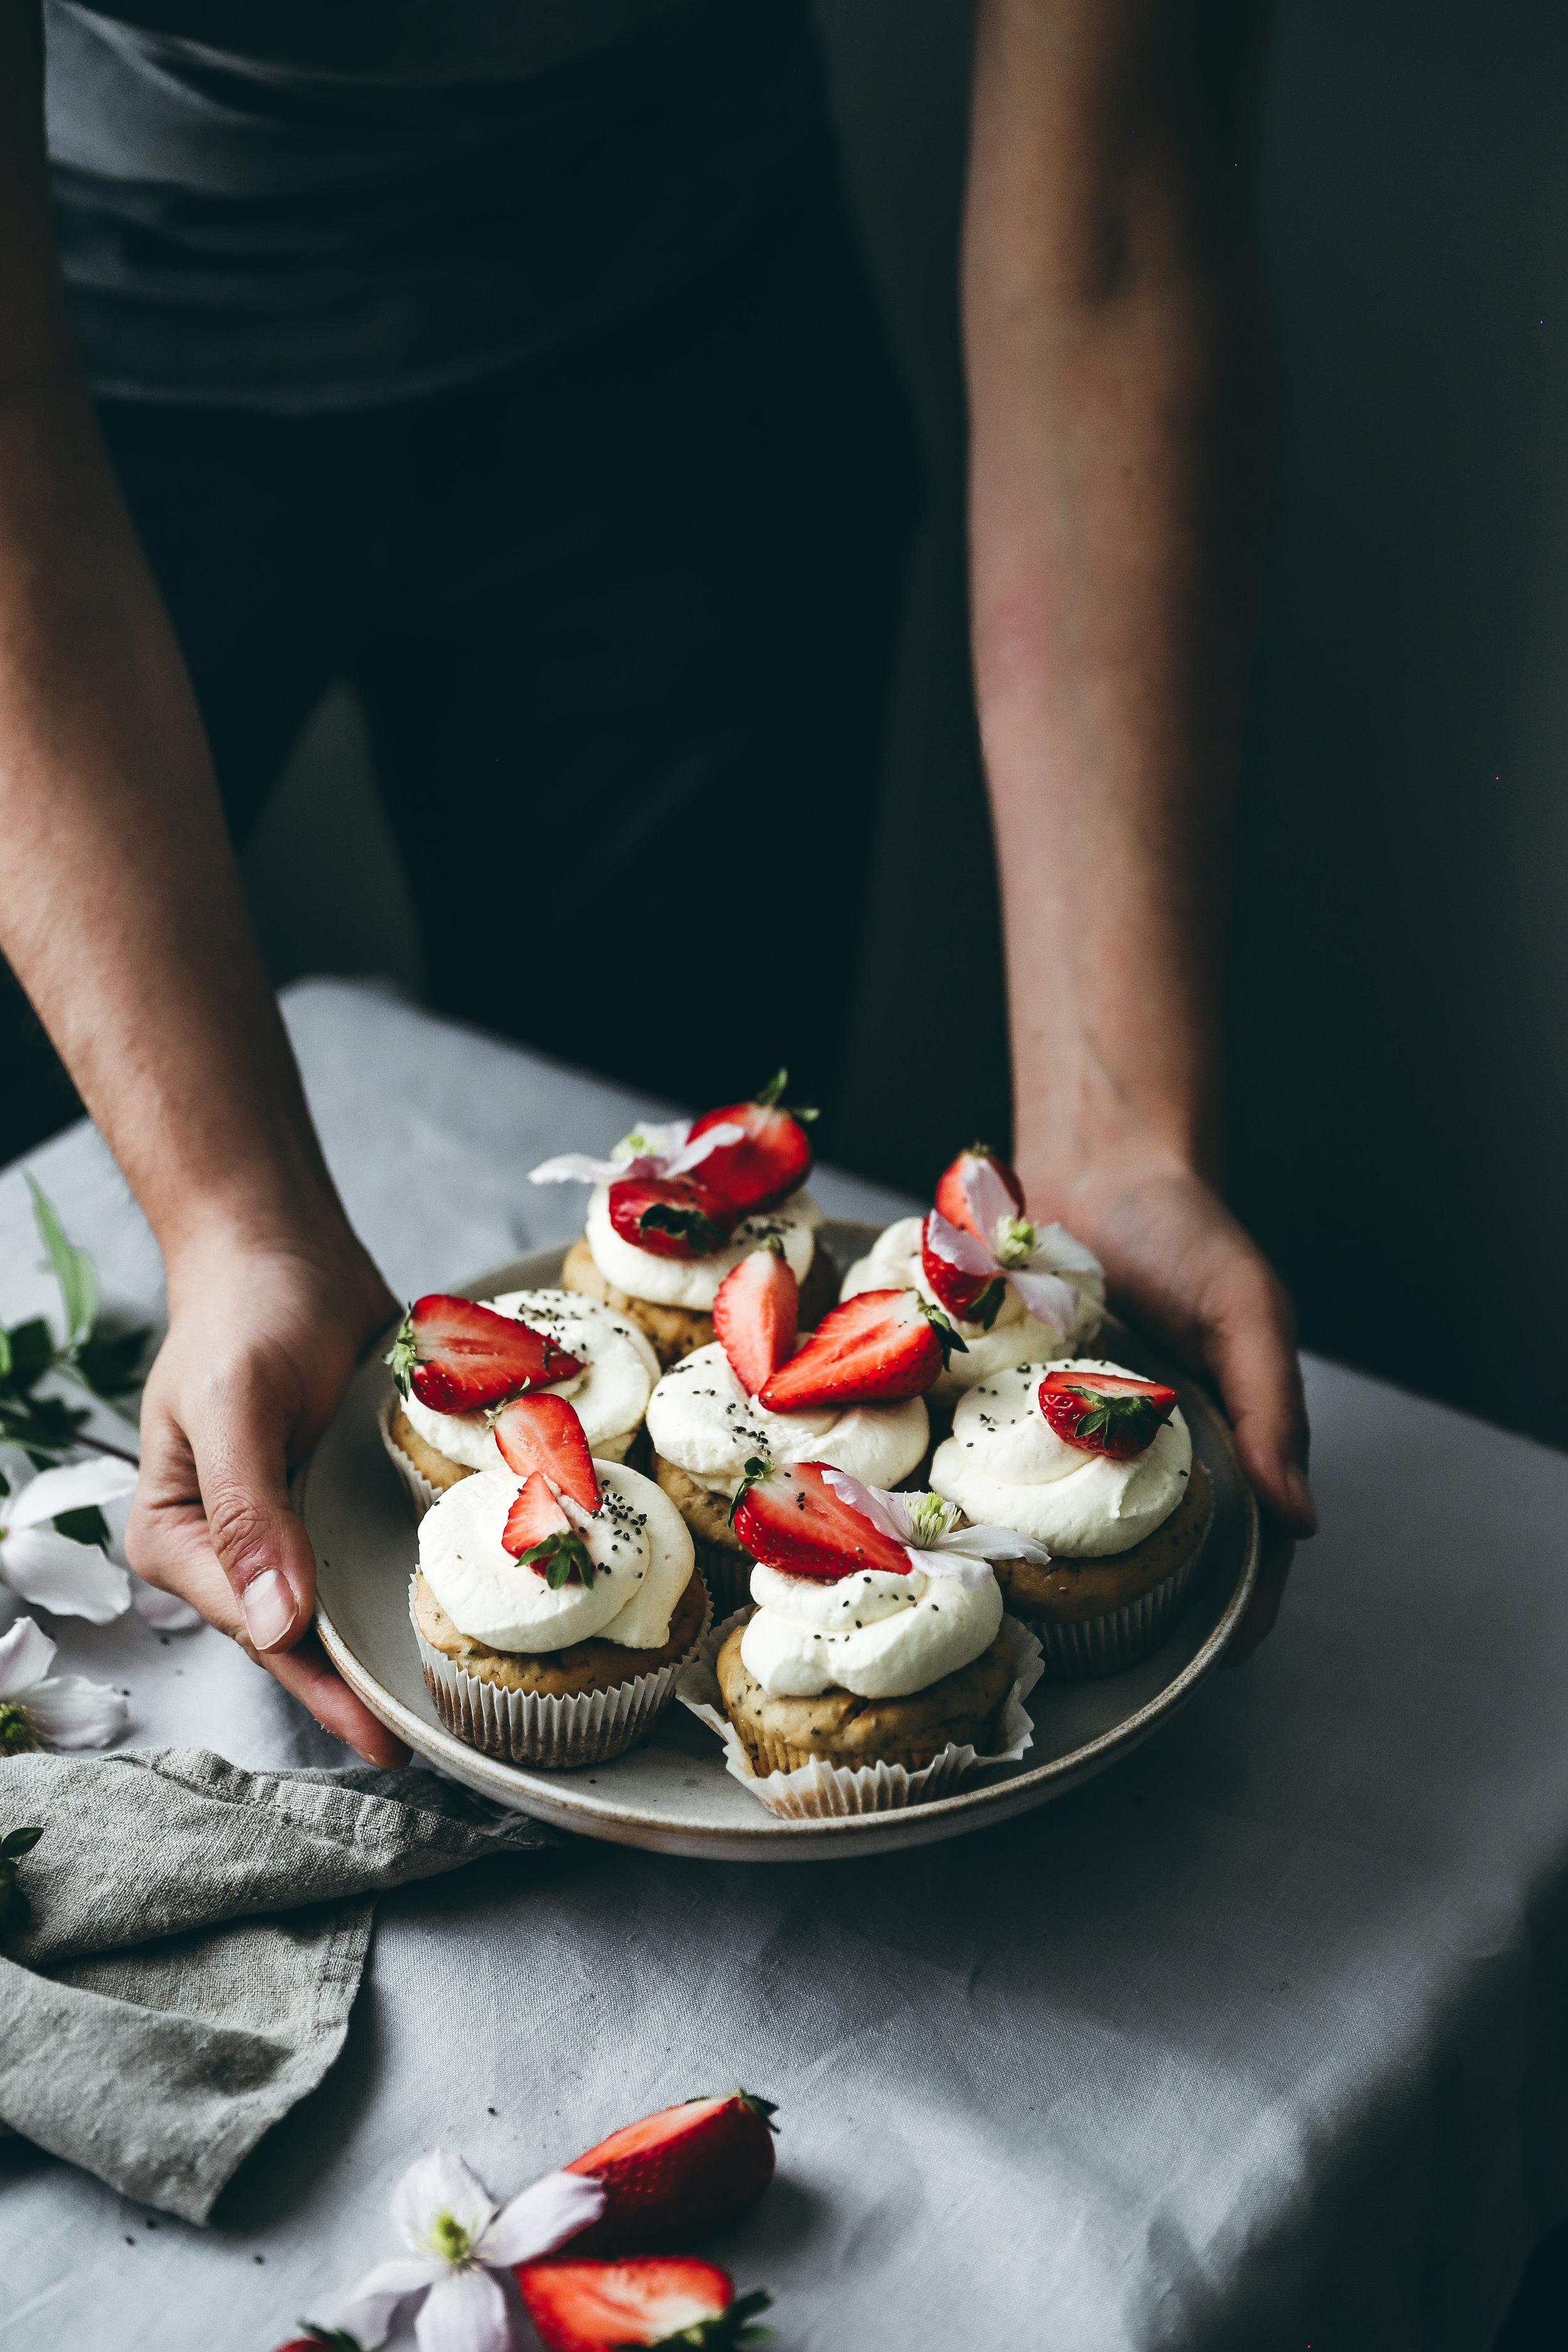 Wie wäre es mit Ricotta-Chia-Cupcakes mit Tonka-Creme und Erdbeeren?